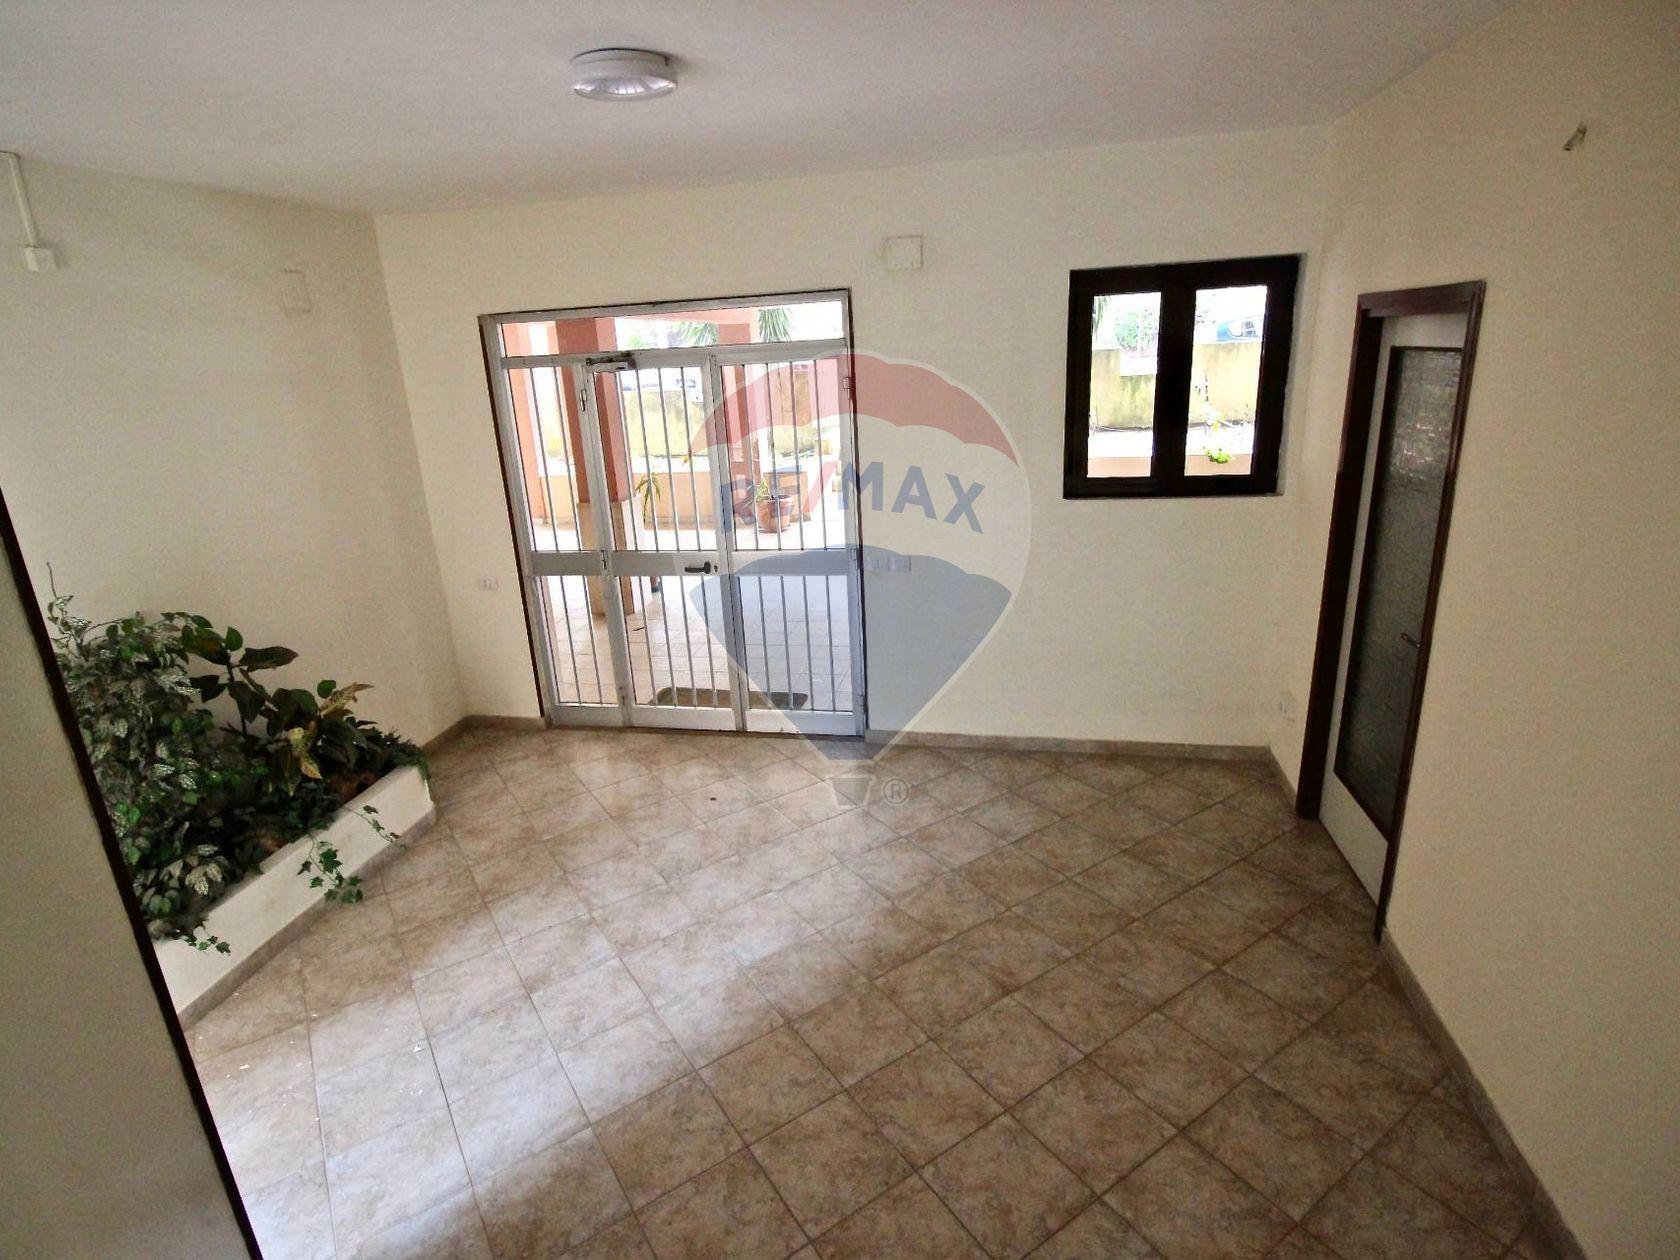 Appartamento Luna e Sole, Sassari, SS Vendita - Foto 3